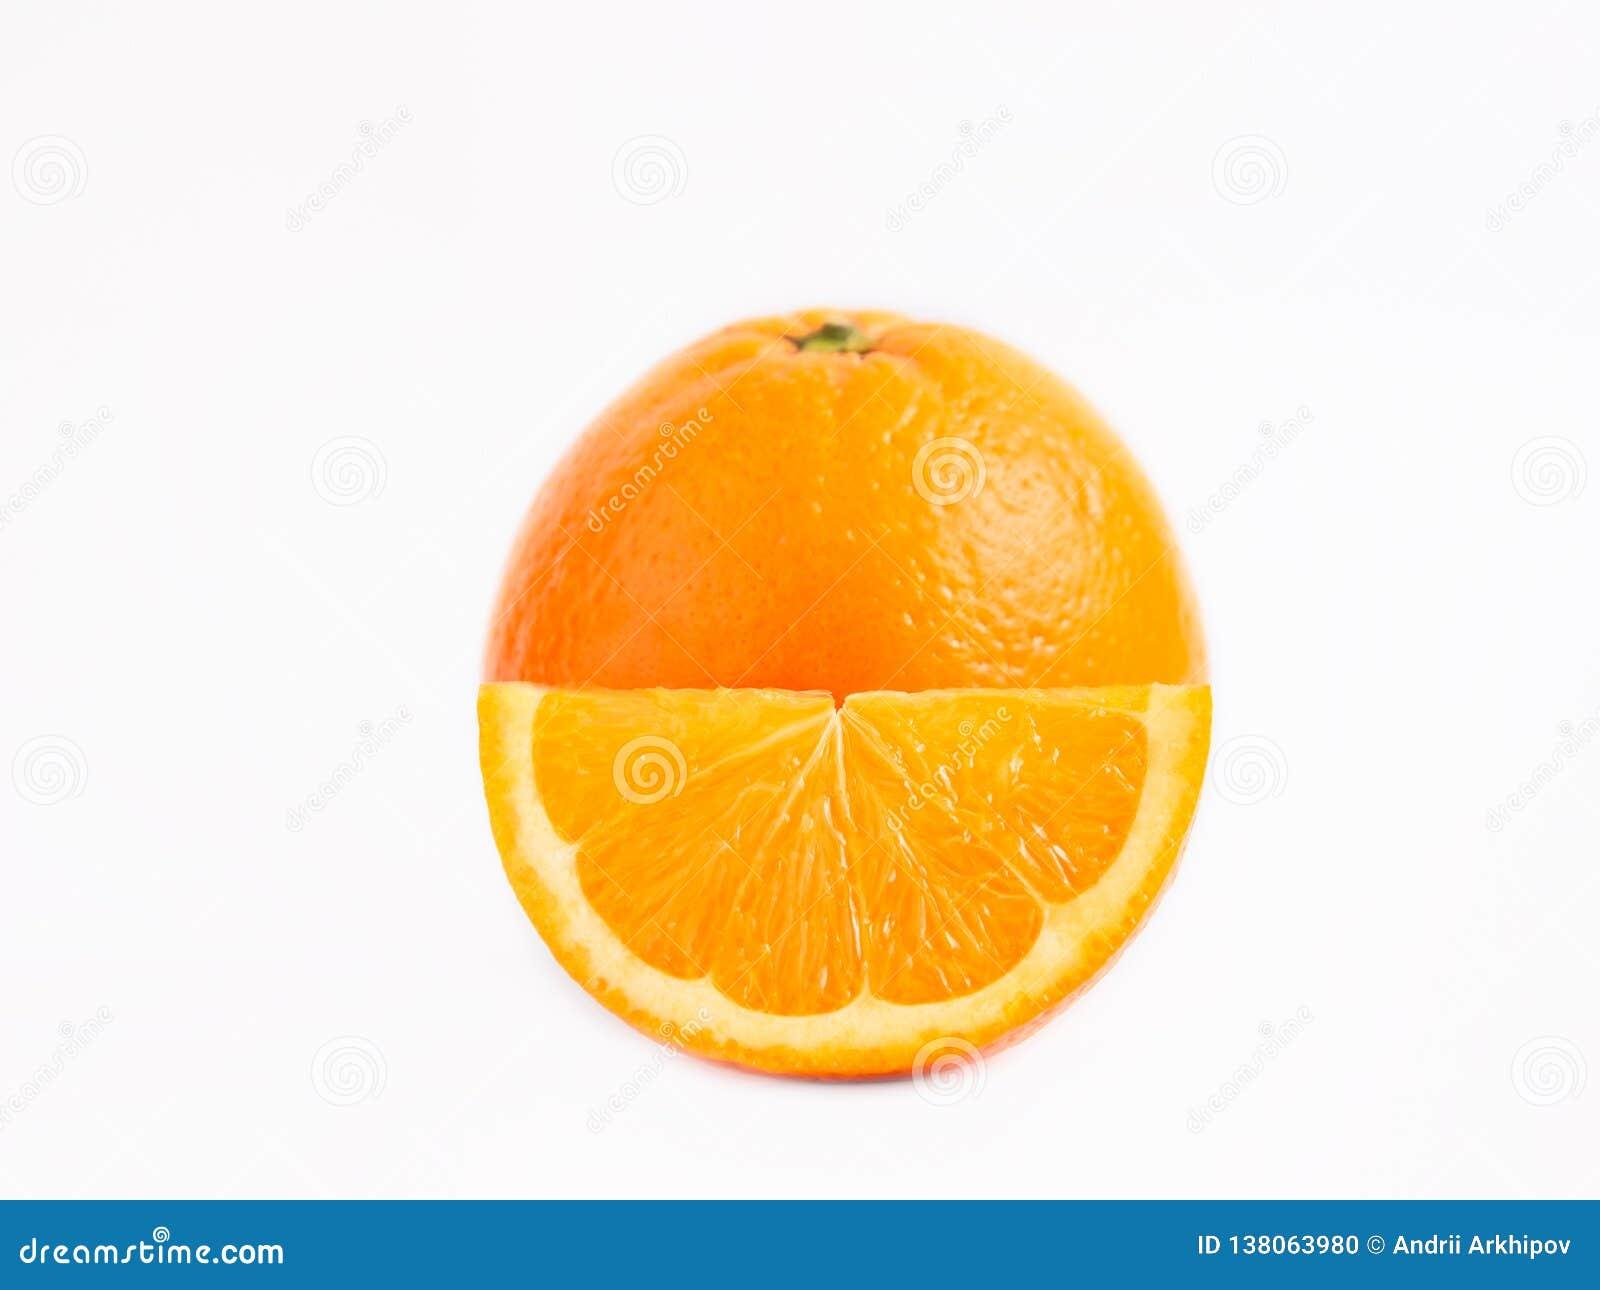 Naranja fresca jugosa delante de él una rebanada de naranja